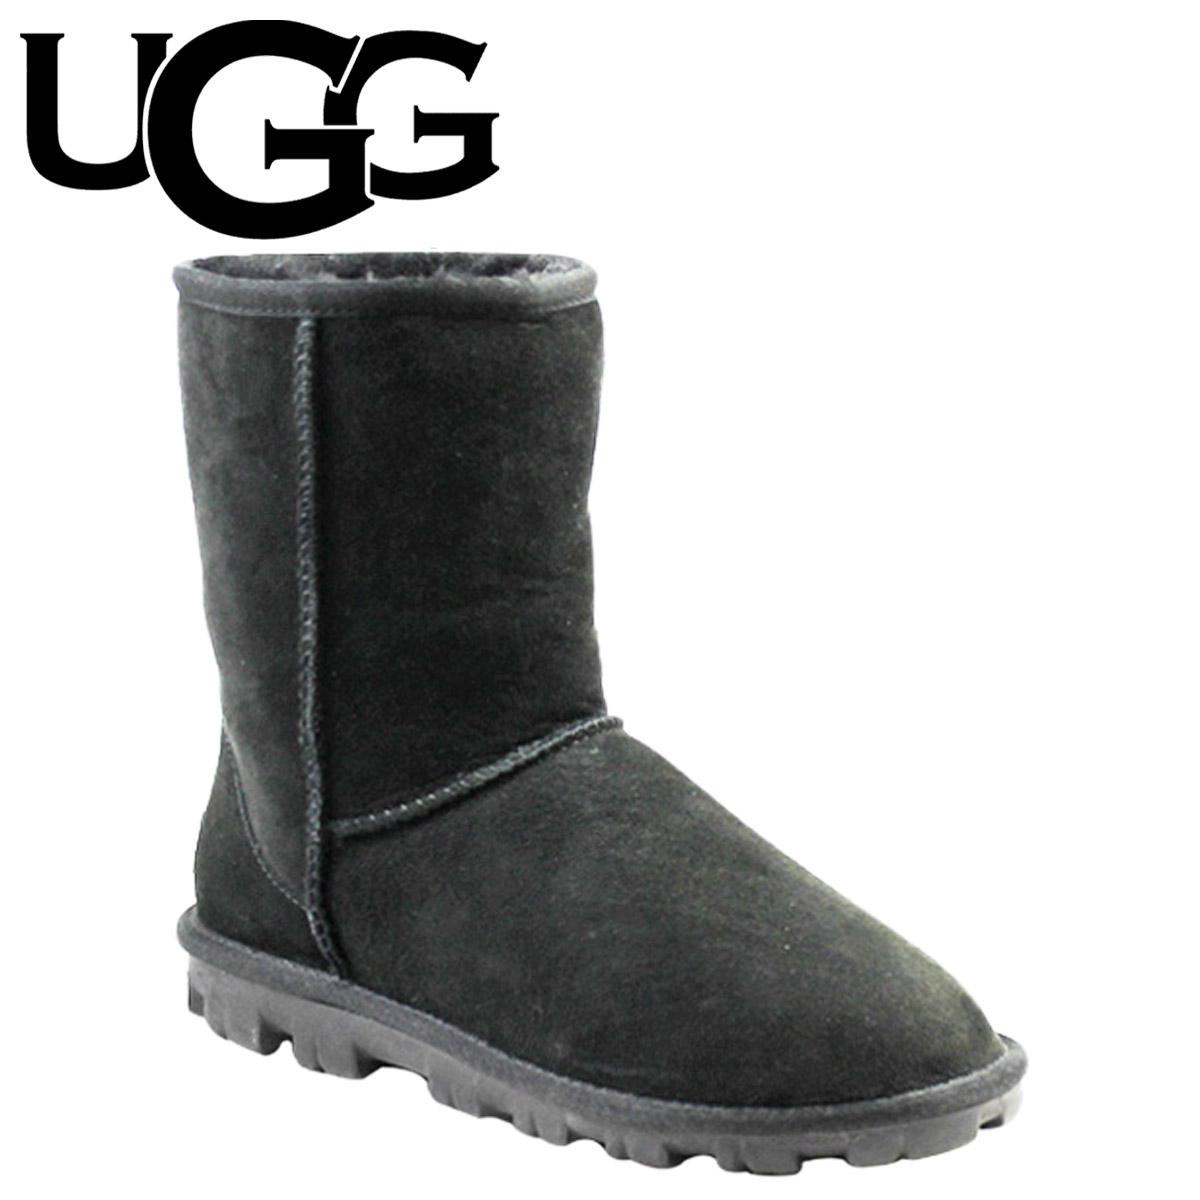 faf7c1e8cd5 [SOLD OUT] UGG UGG tassel short boots WOMENS TASSEL SHORT 5835 Sheepskin  ladies